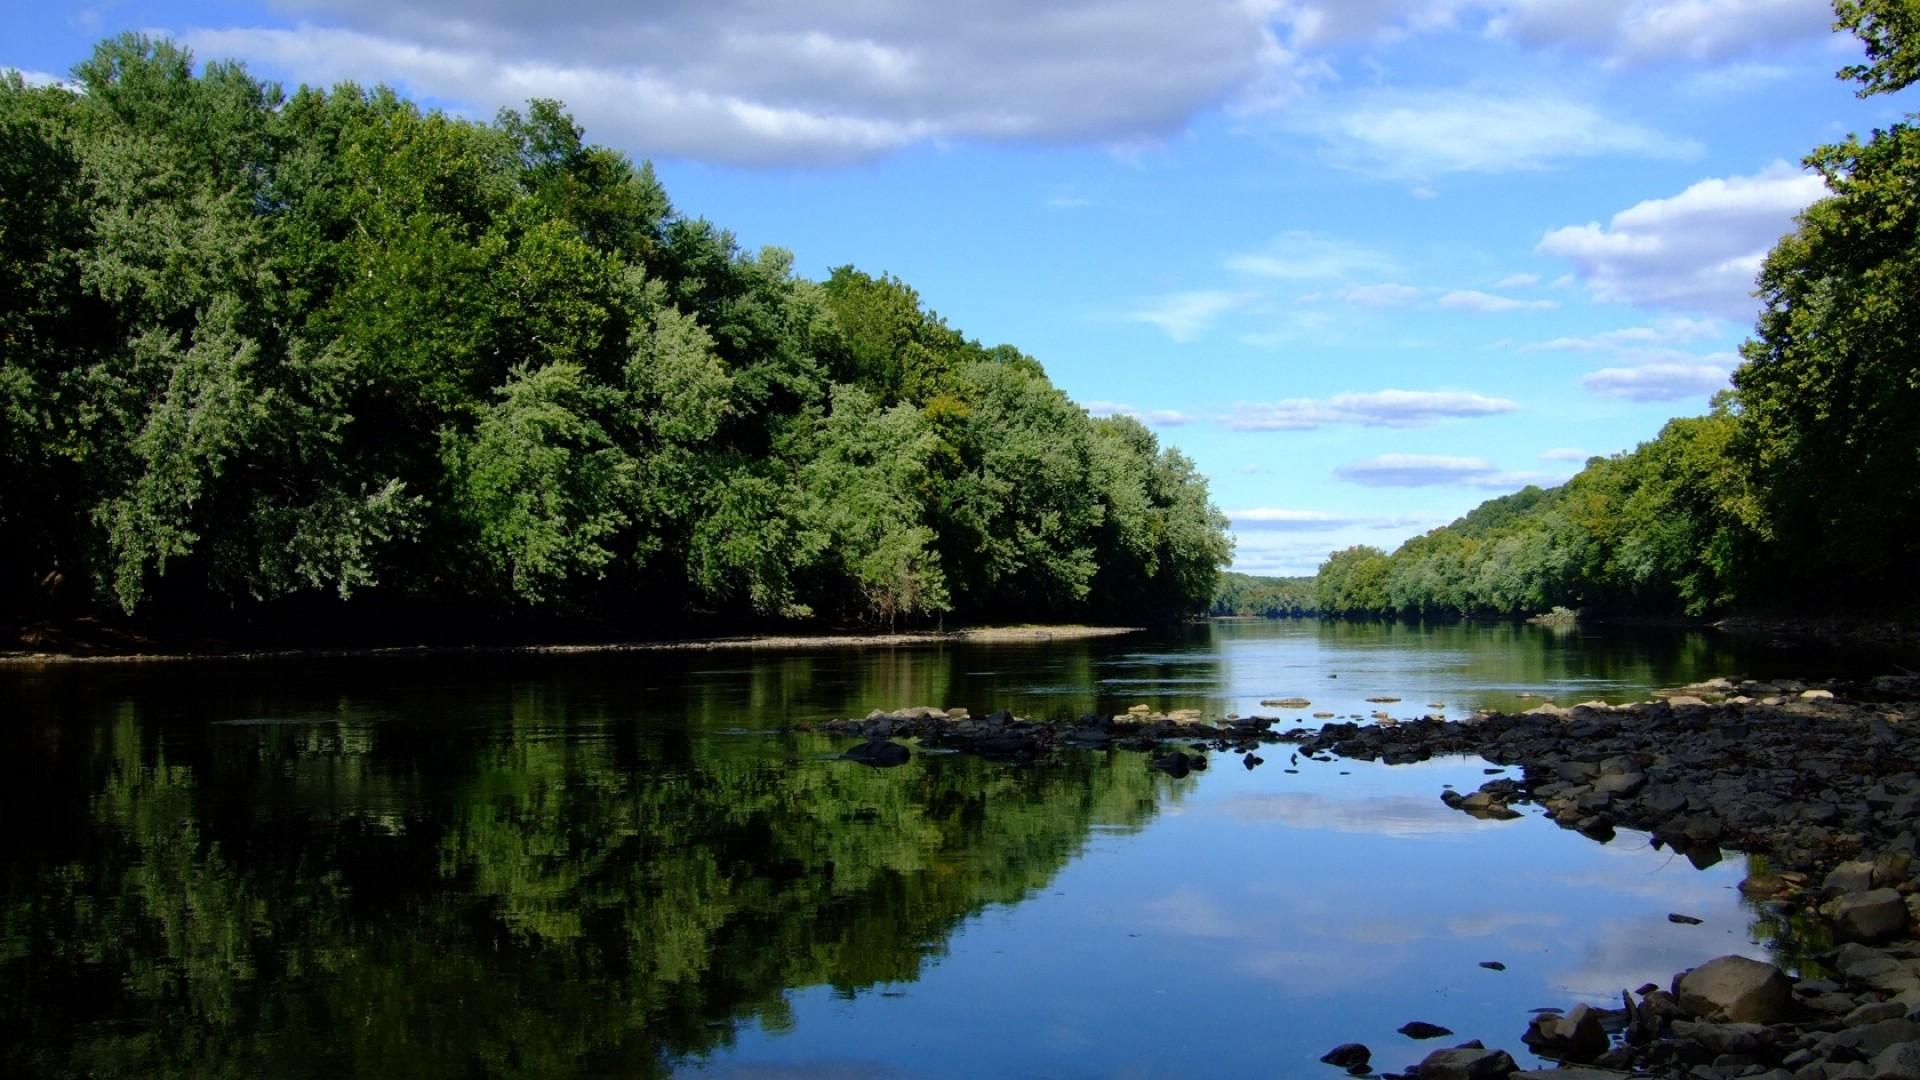 Wallpaper stones, river, trees, coast, summer, clouds